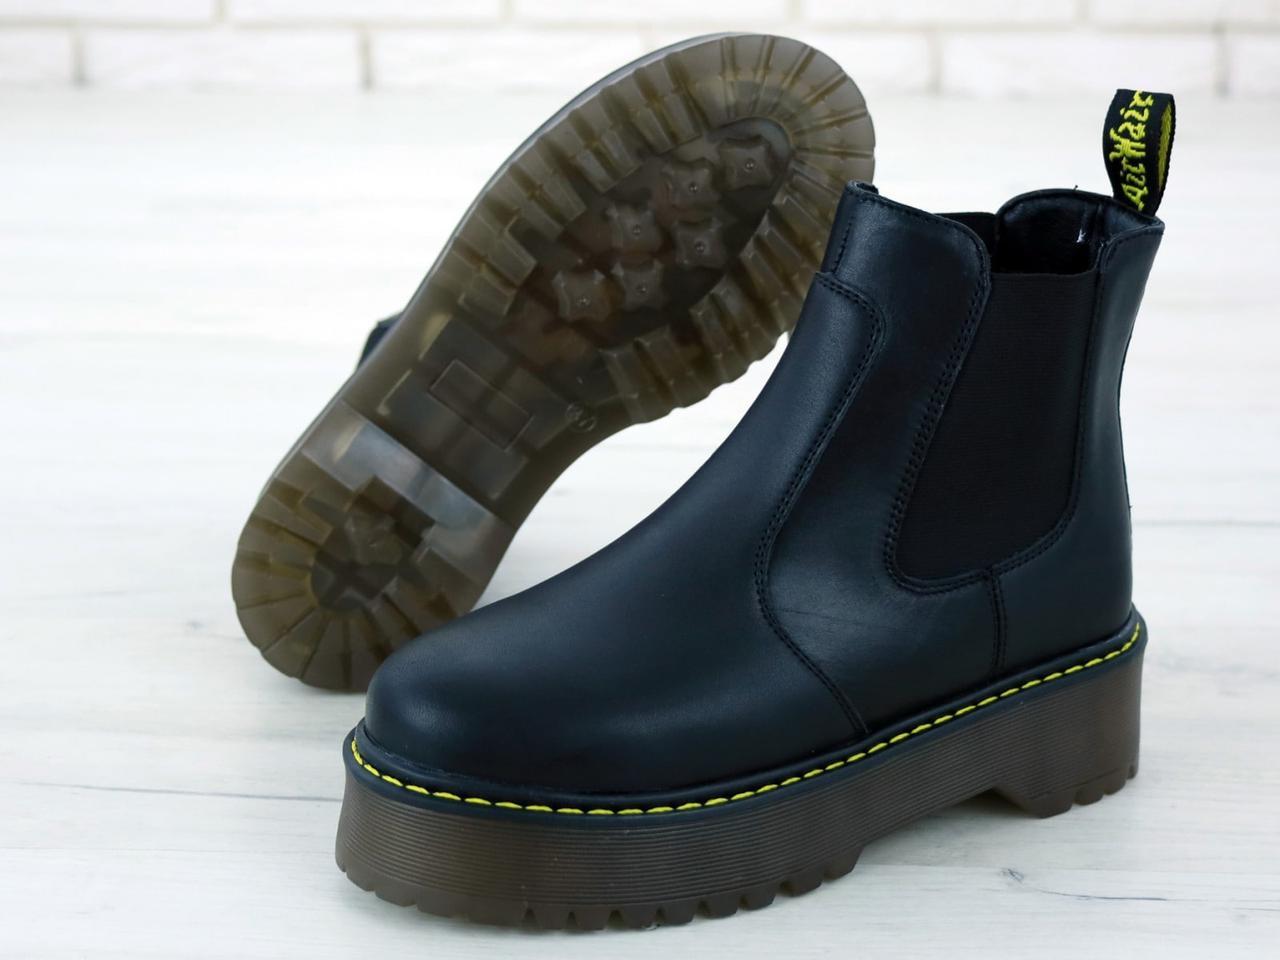 Женские ботинки Dr.Martens Black PLATFORM CHELSE натурал кожа, демисезон черные. ТОП Реплика ААА класса.